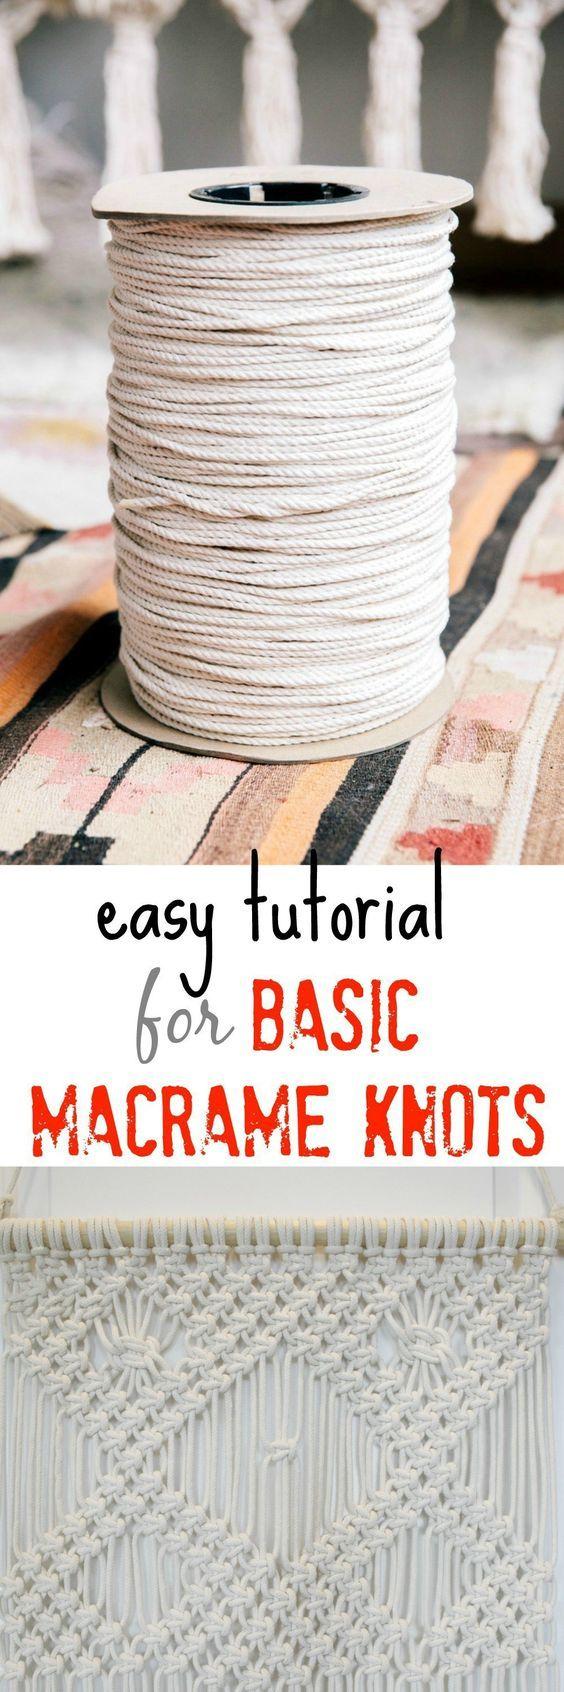 easy tutorial for basic macrame knots | Macrame | Pinterest ...